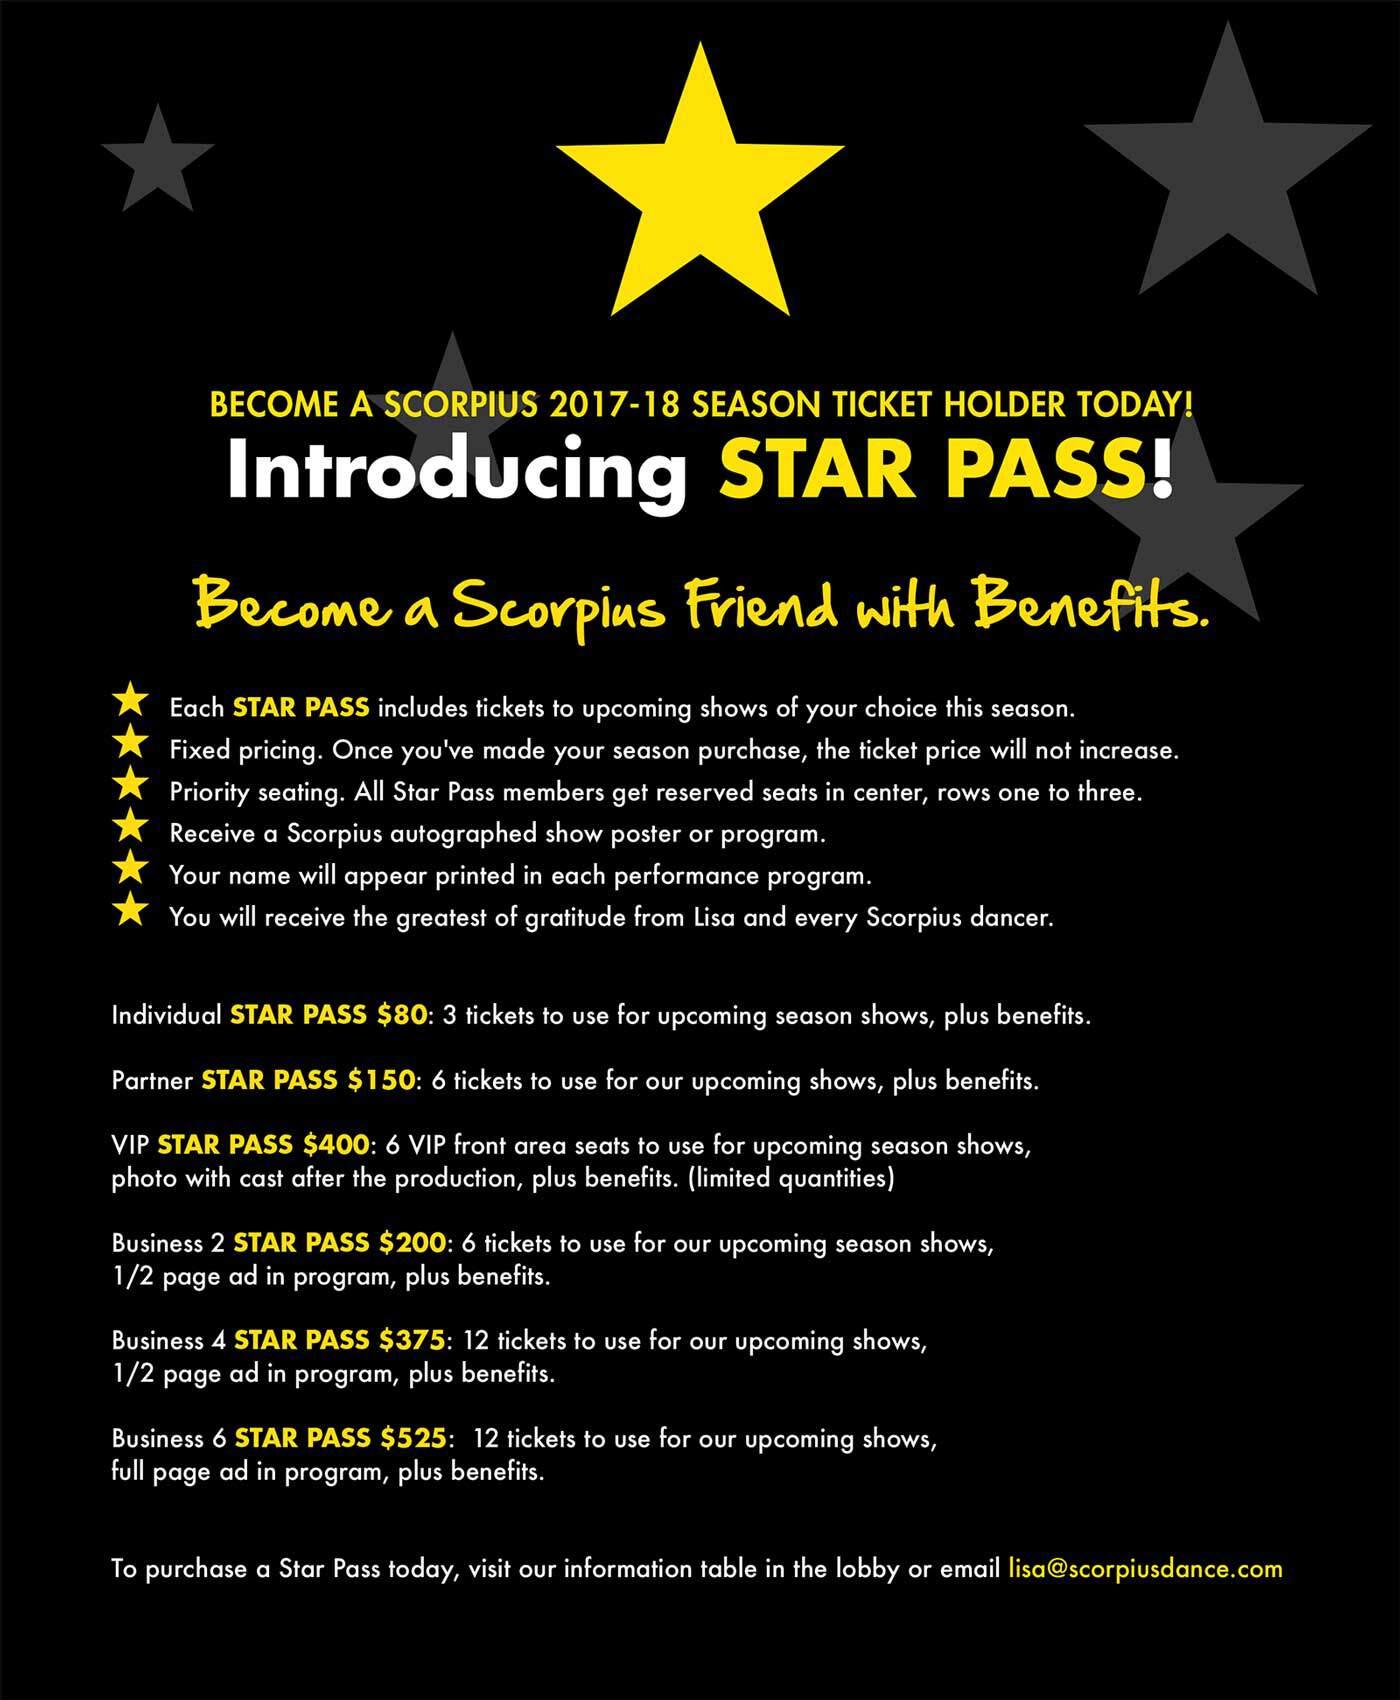 Star Pass details